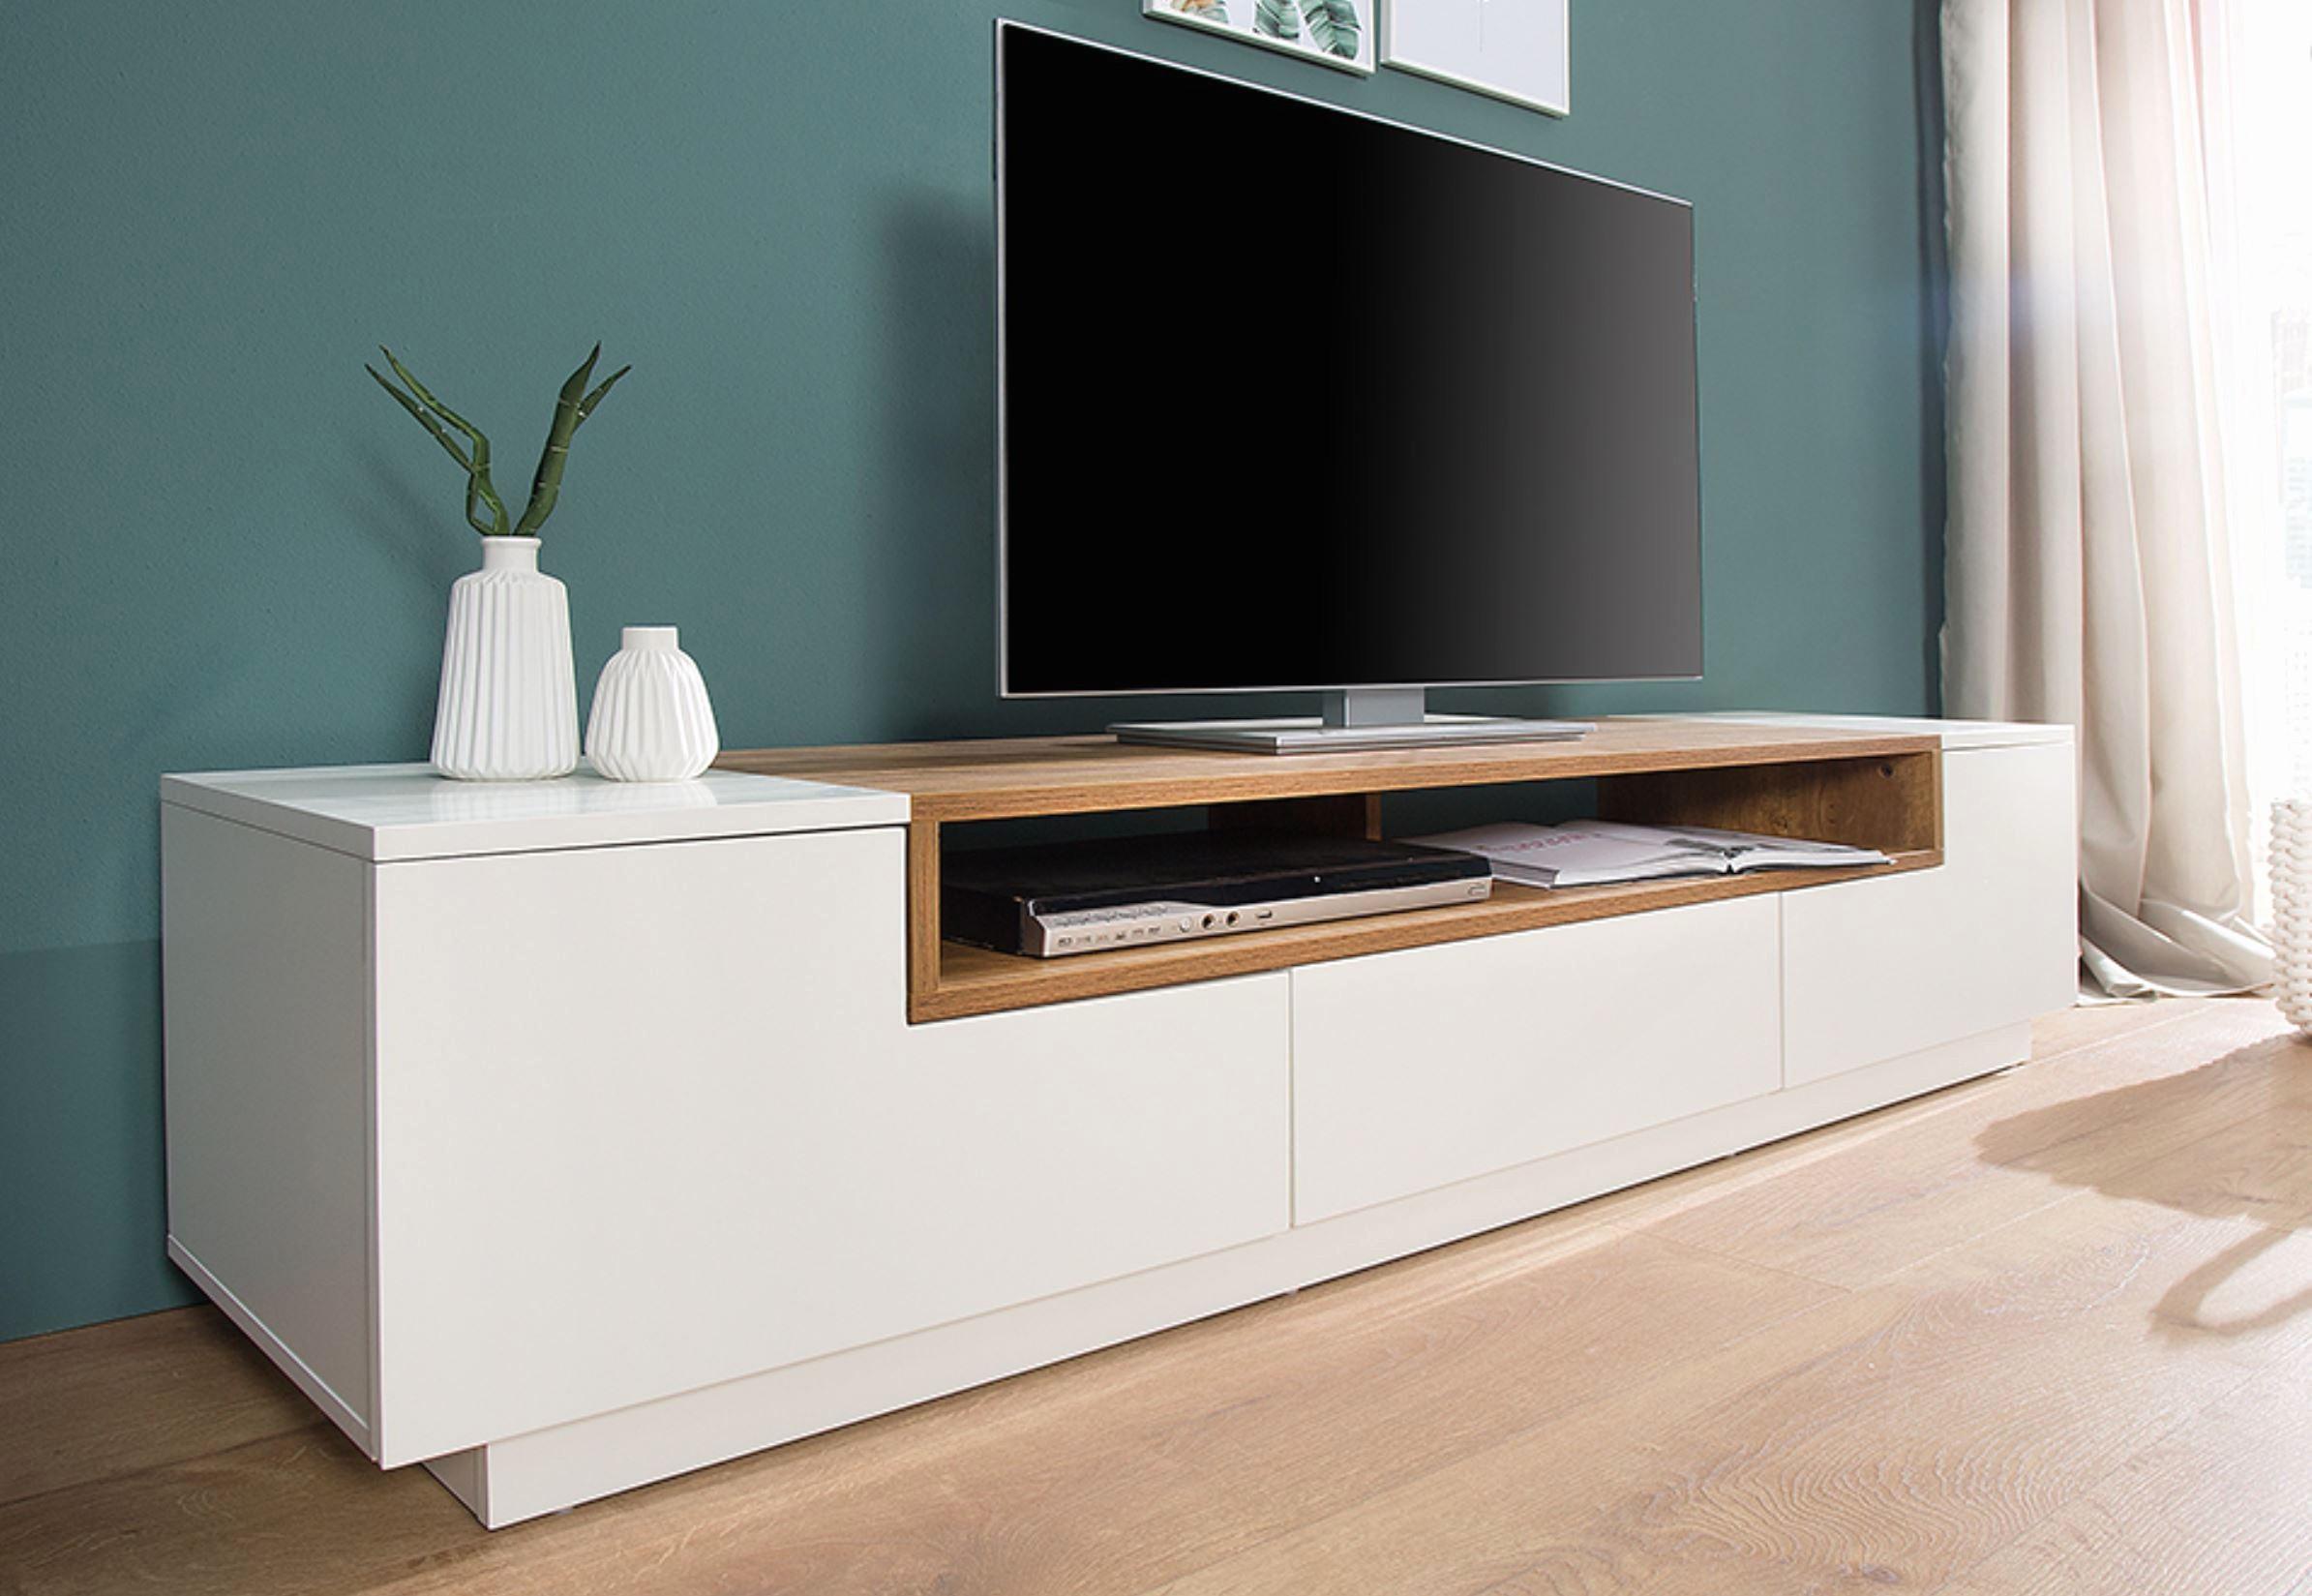 meuble salon suspendu etagere meuble tv meuble tv suspendu insolite s etagere suspendu 0d of meuble salon suspendu